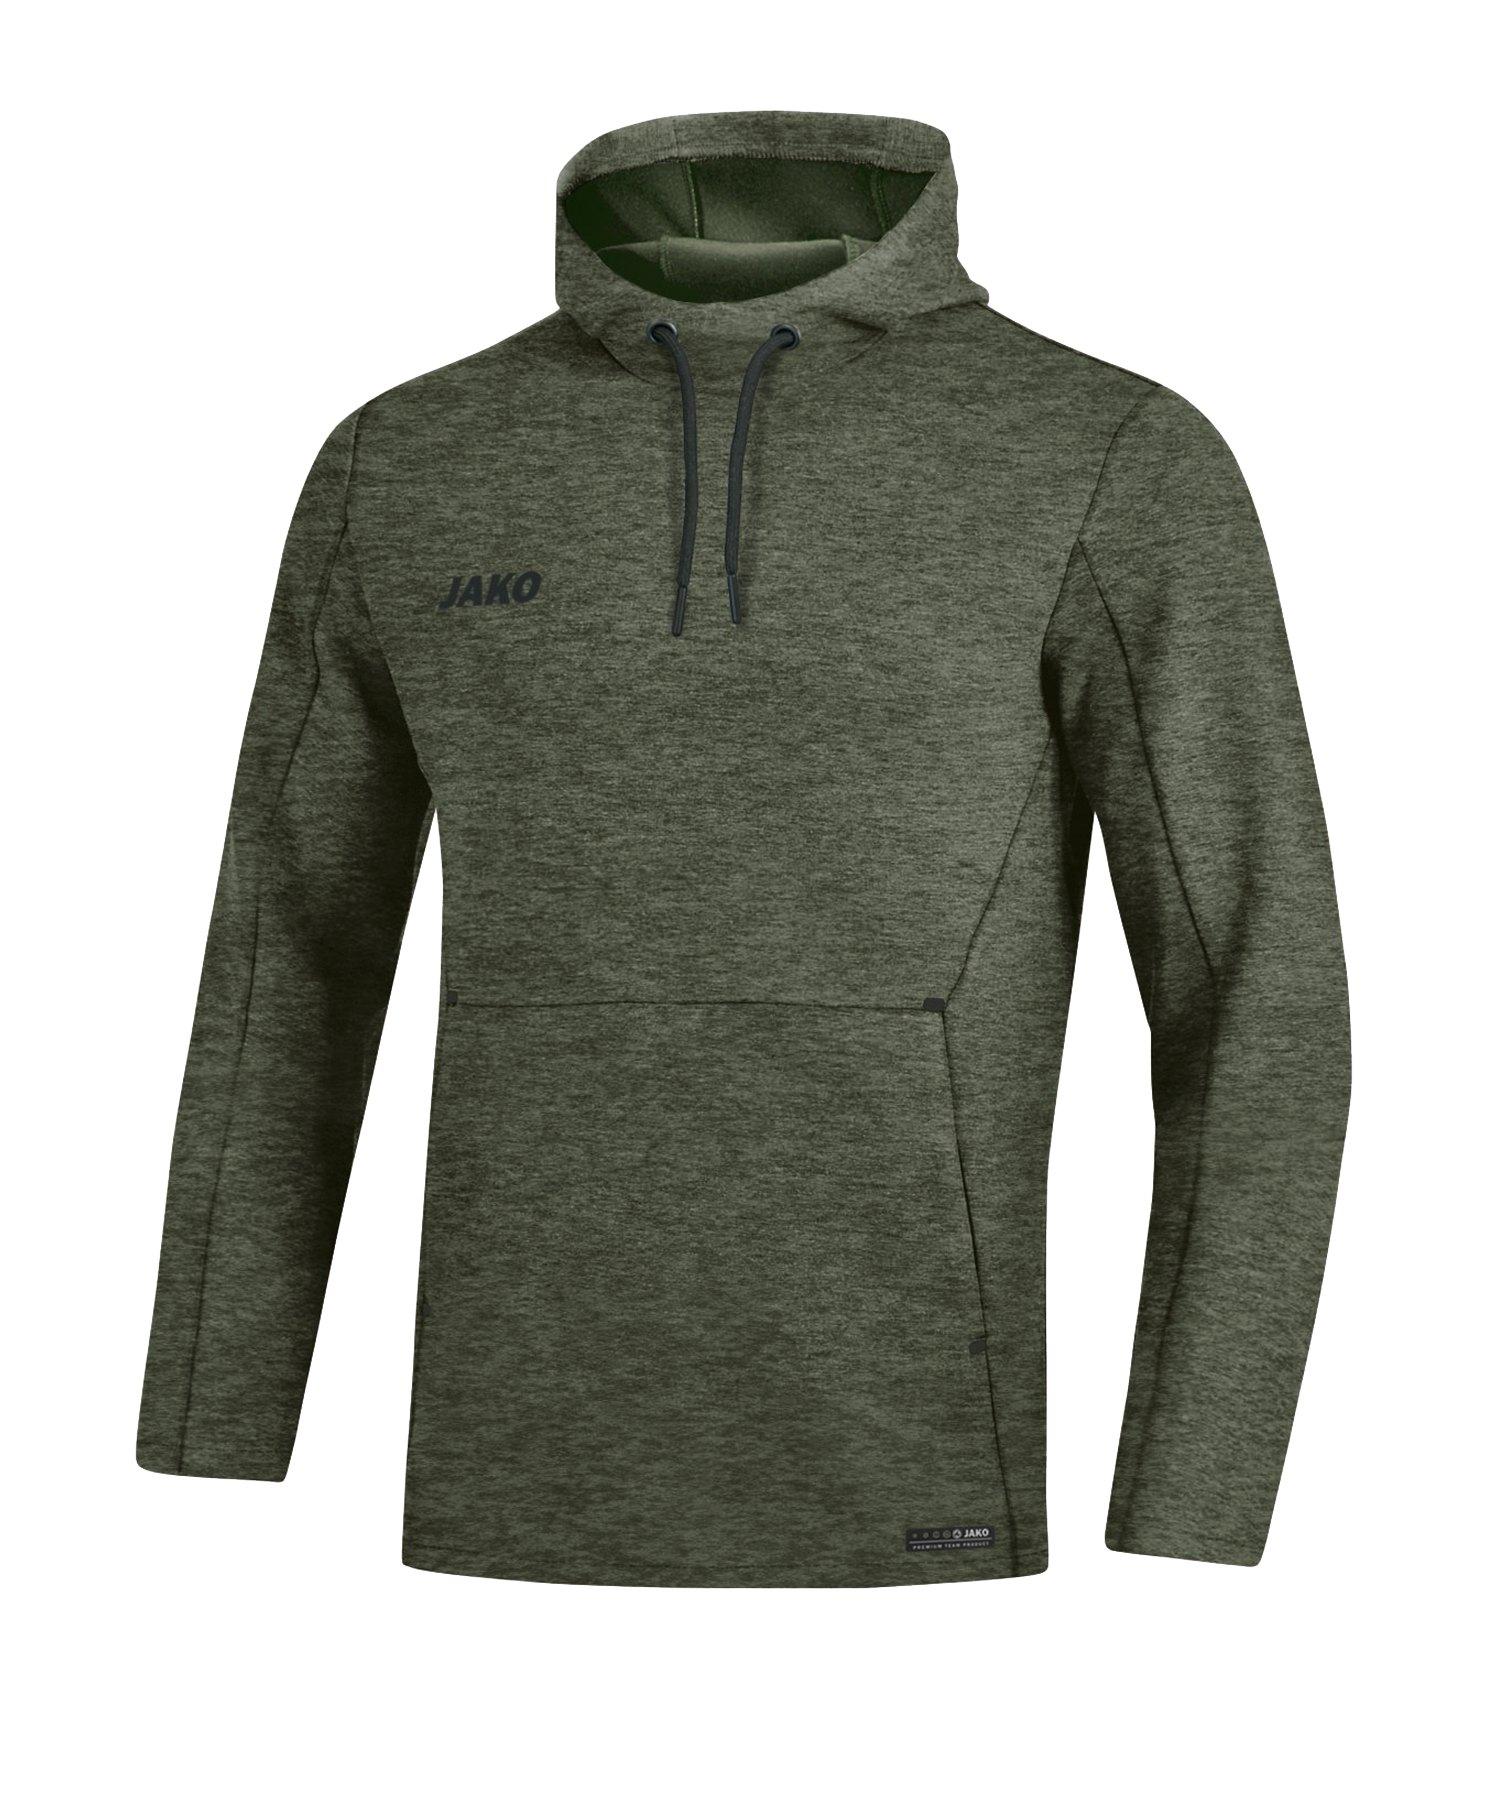 Jako Premium Basic Hoody Damen Khaki F28 - khaki